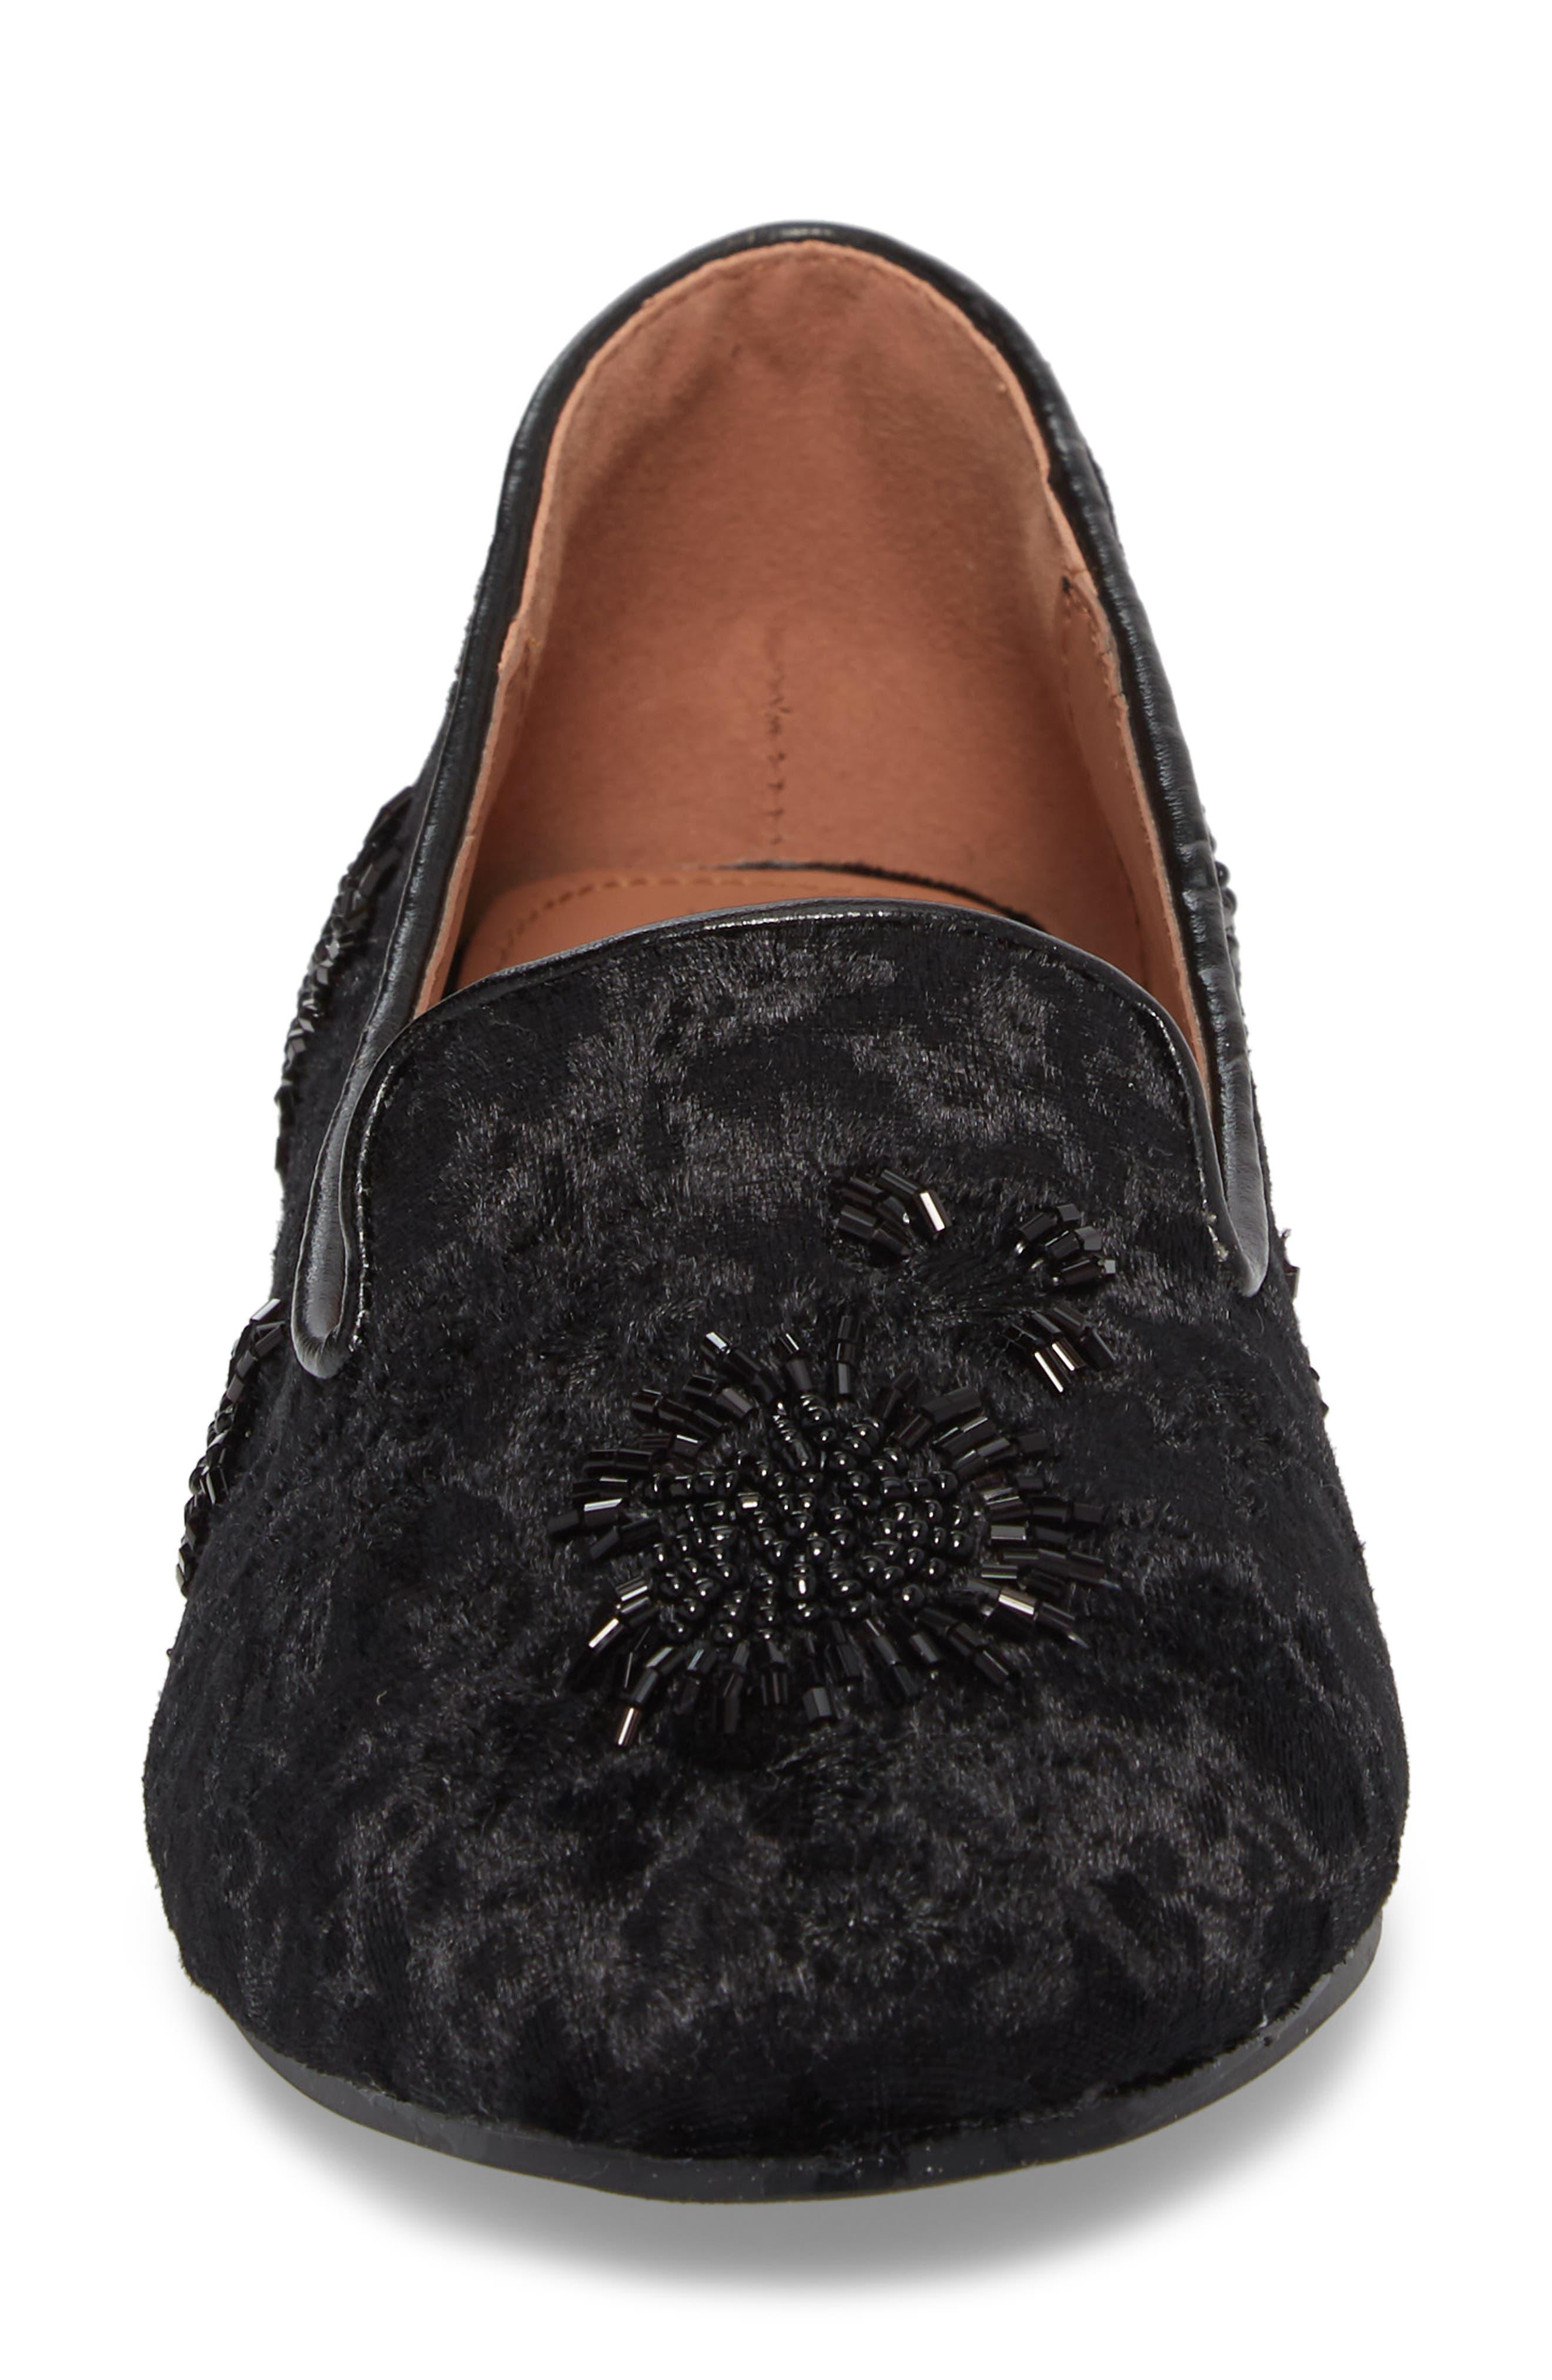 Syrup Embellished Loafer,                             Alternate thumbnail 4, color,                             BLACK